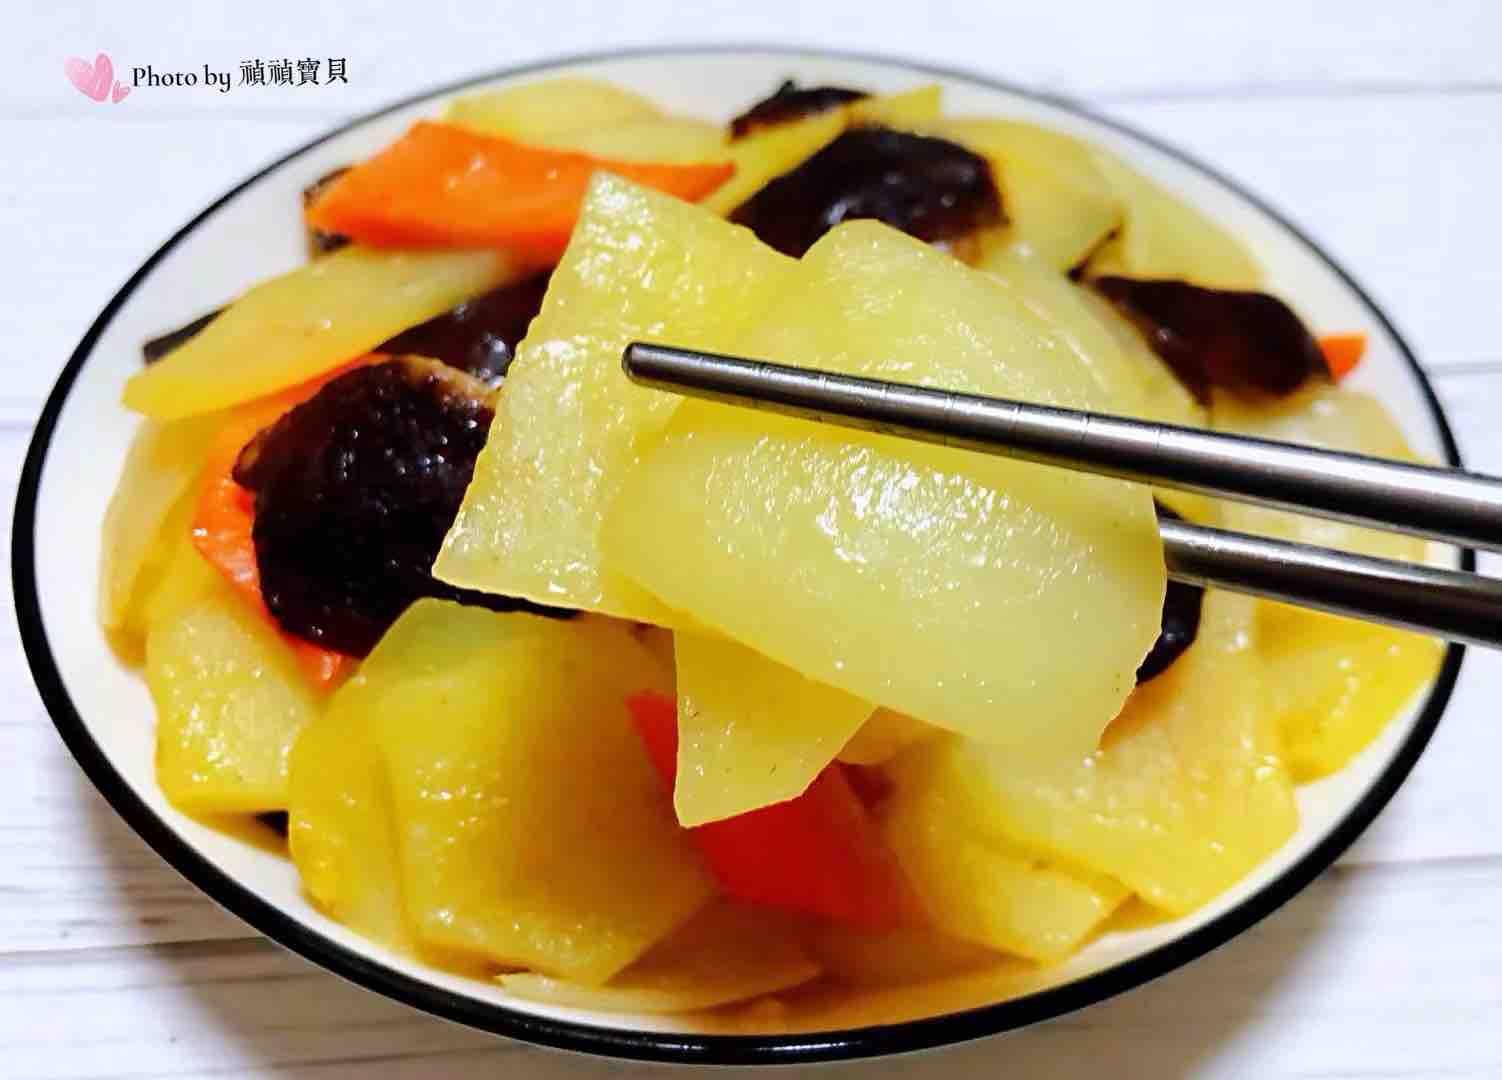 洋葱香菇胡萝卜炒土豆片怎样煮